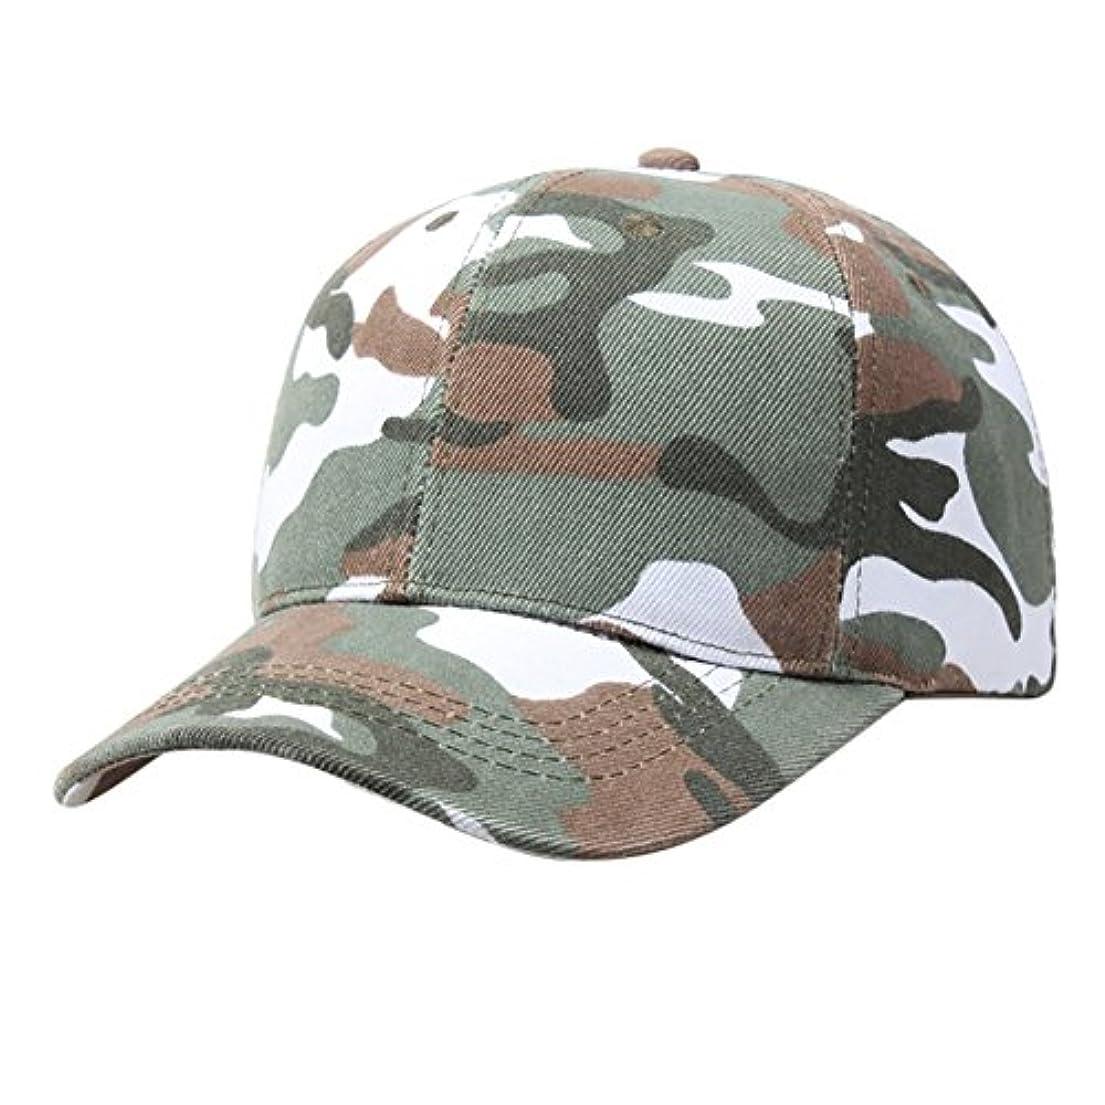 椅子縁改革Racazing Cap 迷彩 野球帽 軍用 通気性のある ヒップホップ 帽子 夏 登山 緑 可調整可能 棒球帽 男女兼用 UV 帽子 軽量 屋外 カモフラージュ Unisex Cap (緑)